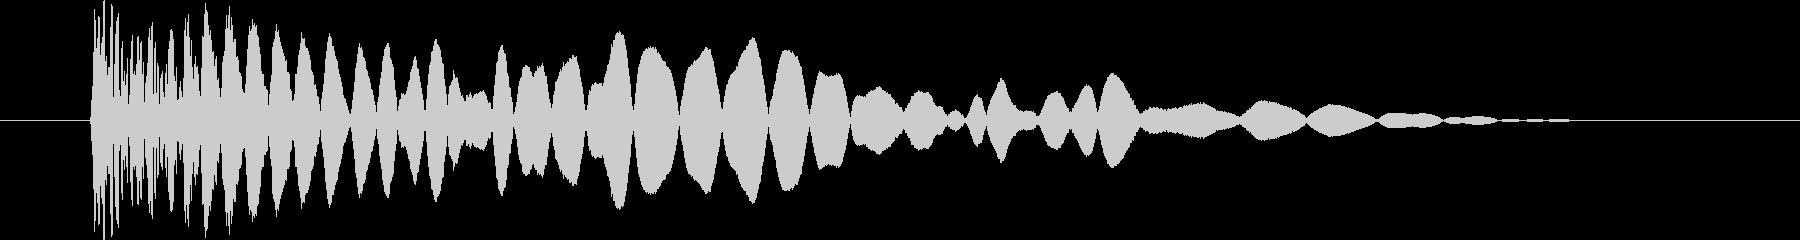 ドスッ(落ち物ゲームの落下衝突音)の未再生の波形